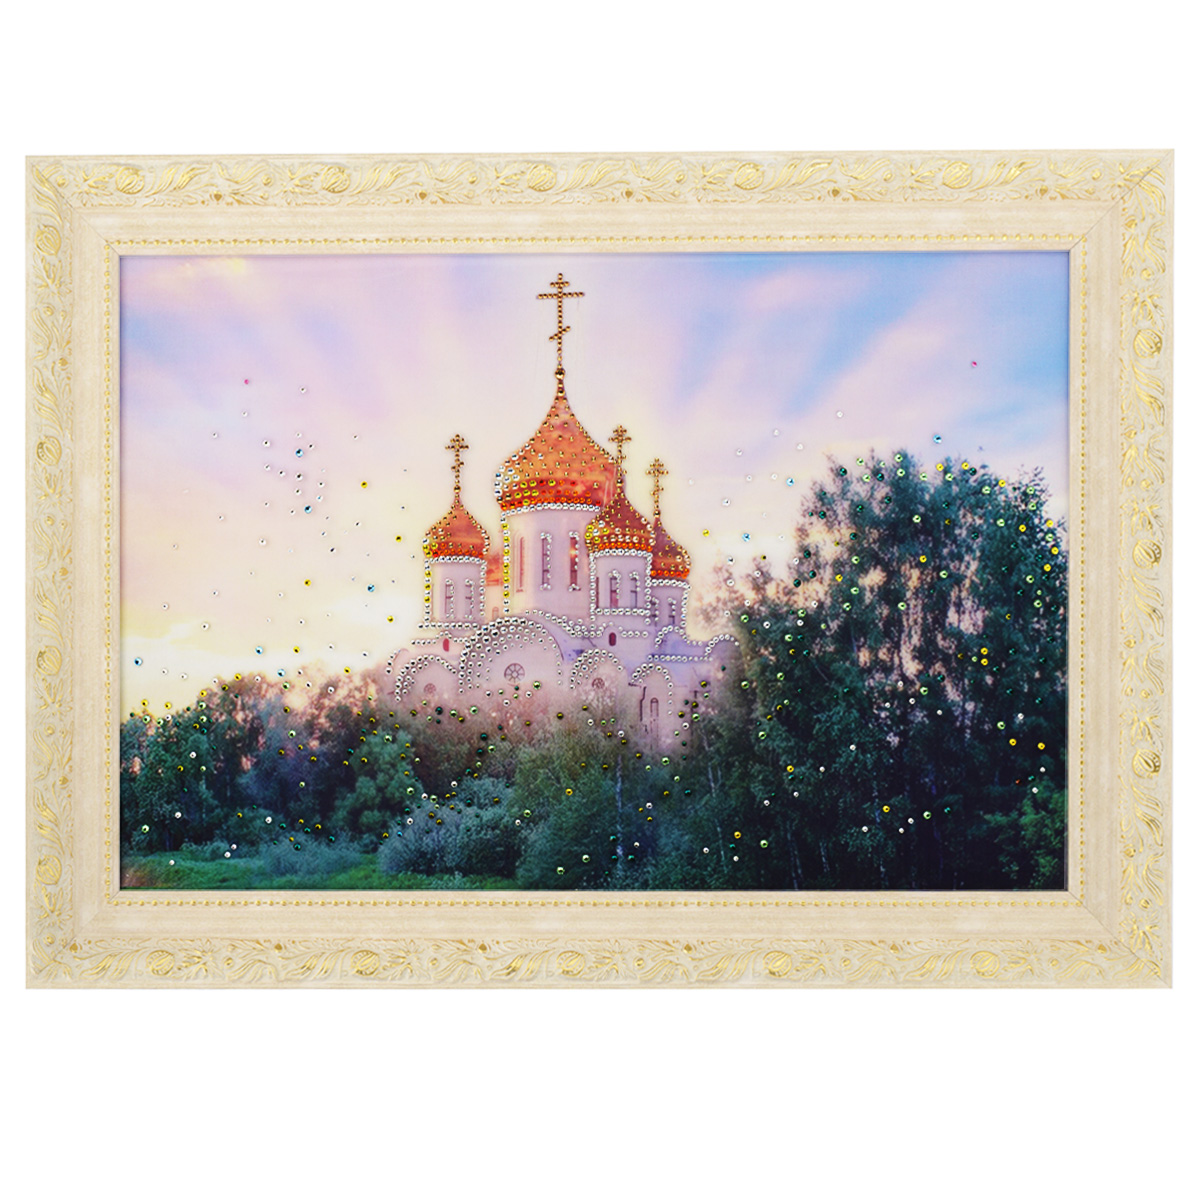 Картина с кристаллами Swarovski В лучах солнца, 70 см х 50 смIDEA CT2-02Изящная картина в багетной раме, инкрустирована кристаллами Swarovski, которые отличаются четкой и ровной огранкой, ярким блеском и чистотой цвета. Красочное изображение церкви, расположенное под стеклом, прекрасно дополняет блеск кристаллов. С обратной стороны имеется металлическая проволока для размещения картины на стене. Картина с кристаллами Swarovski В лучах солнца элегантно украсит интерьер дома или офиса, а также станет прекрасным подарком, который обязательно понравится получателю. Блеск кристаллов в интерьере, что может быть сказочнее и удивительнее. Картина упакована в подарочную картонную коробку синего цвета и комплектуется сертификатом соответствия Swarovski.